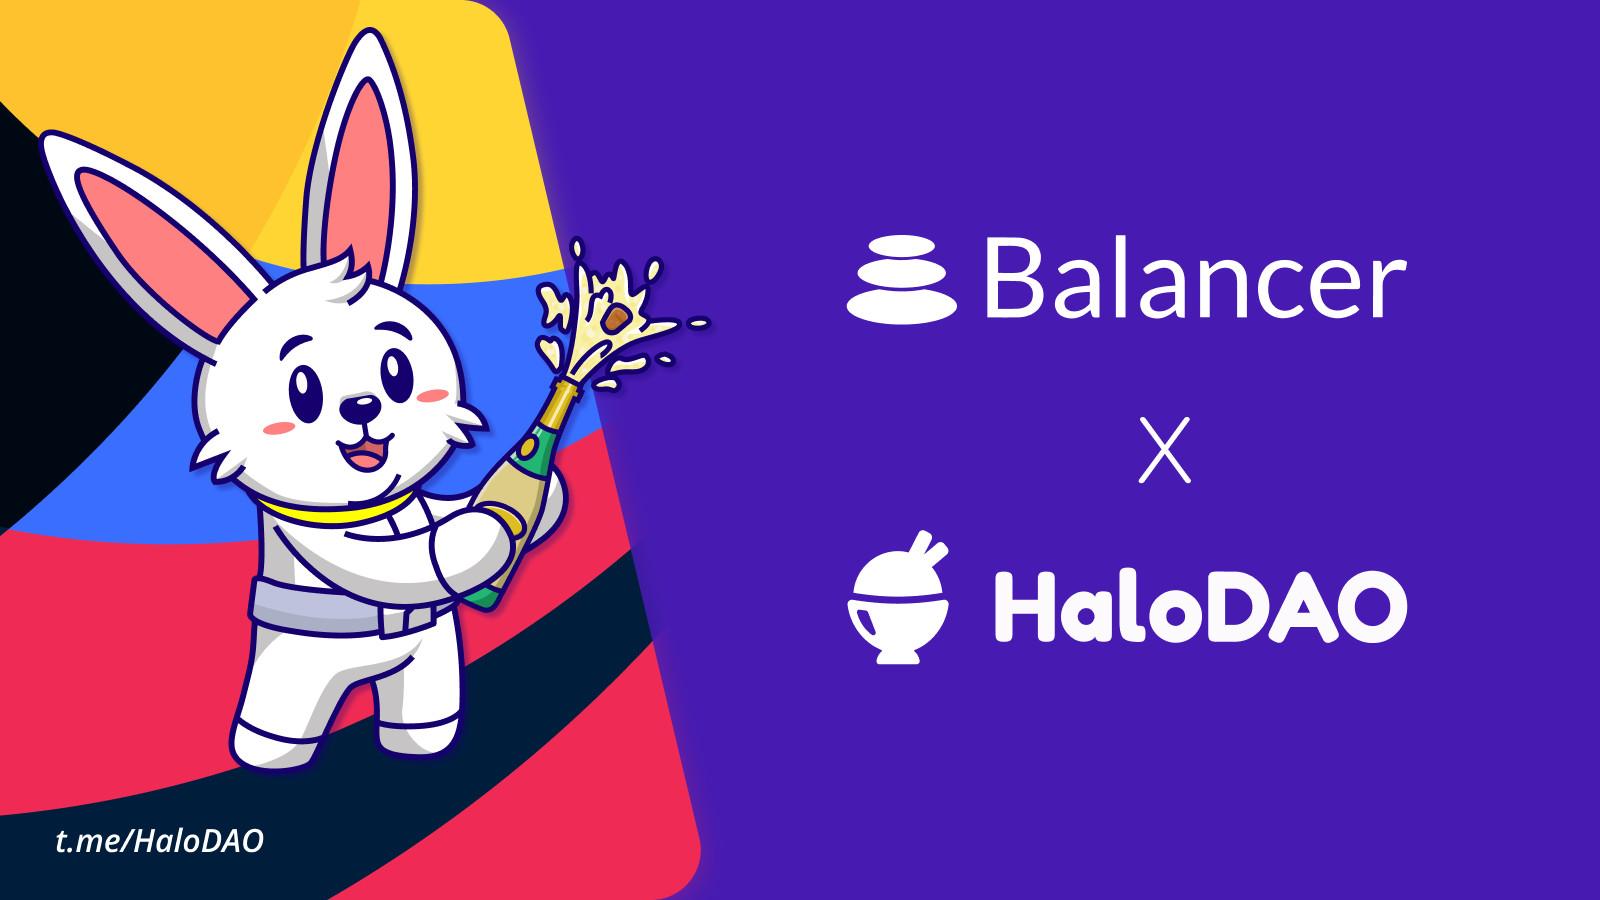 HaloDAO Tạo AMM tùy chỉnh trên Balancer V2 để tạo điều kiện thuận lợi cho việc giao dịch và thanh khoản ổn định không phải USD - Crypto News Flash